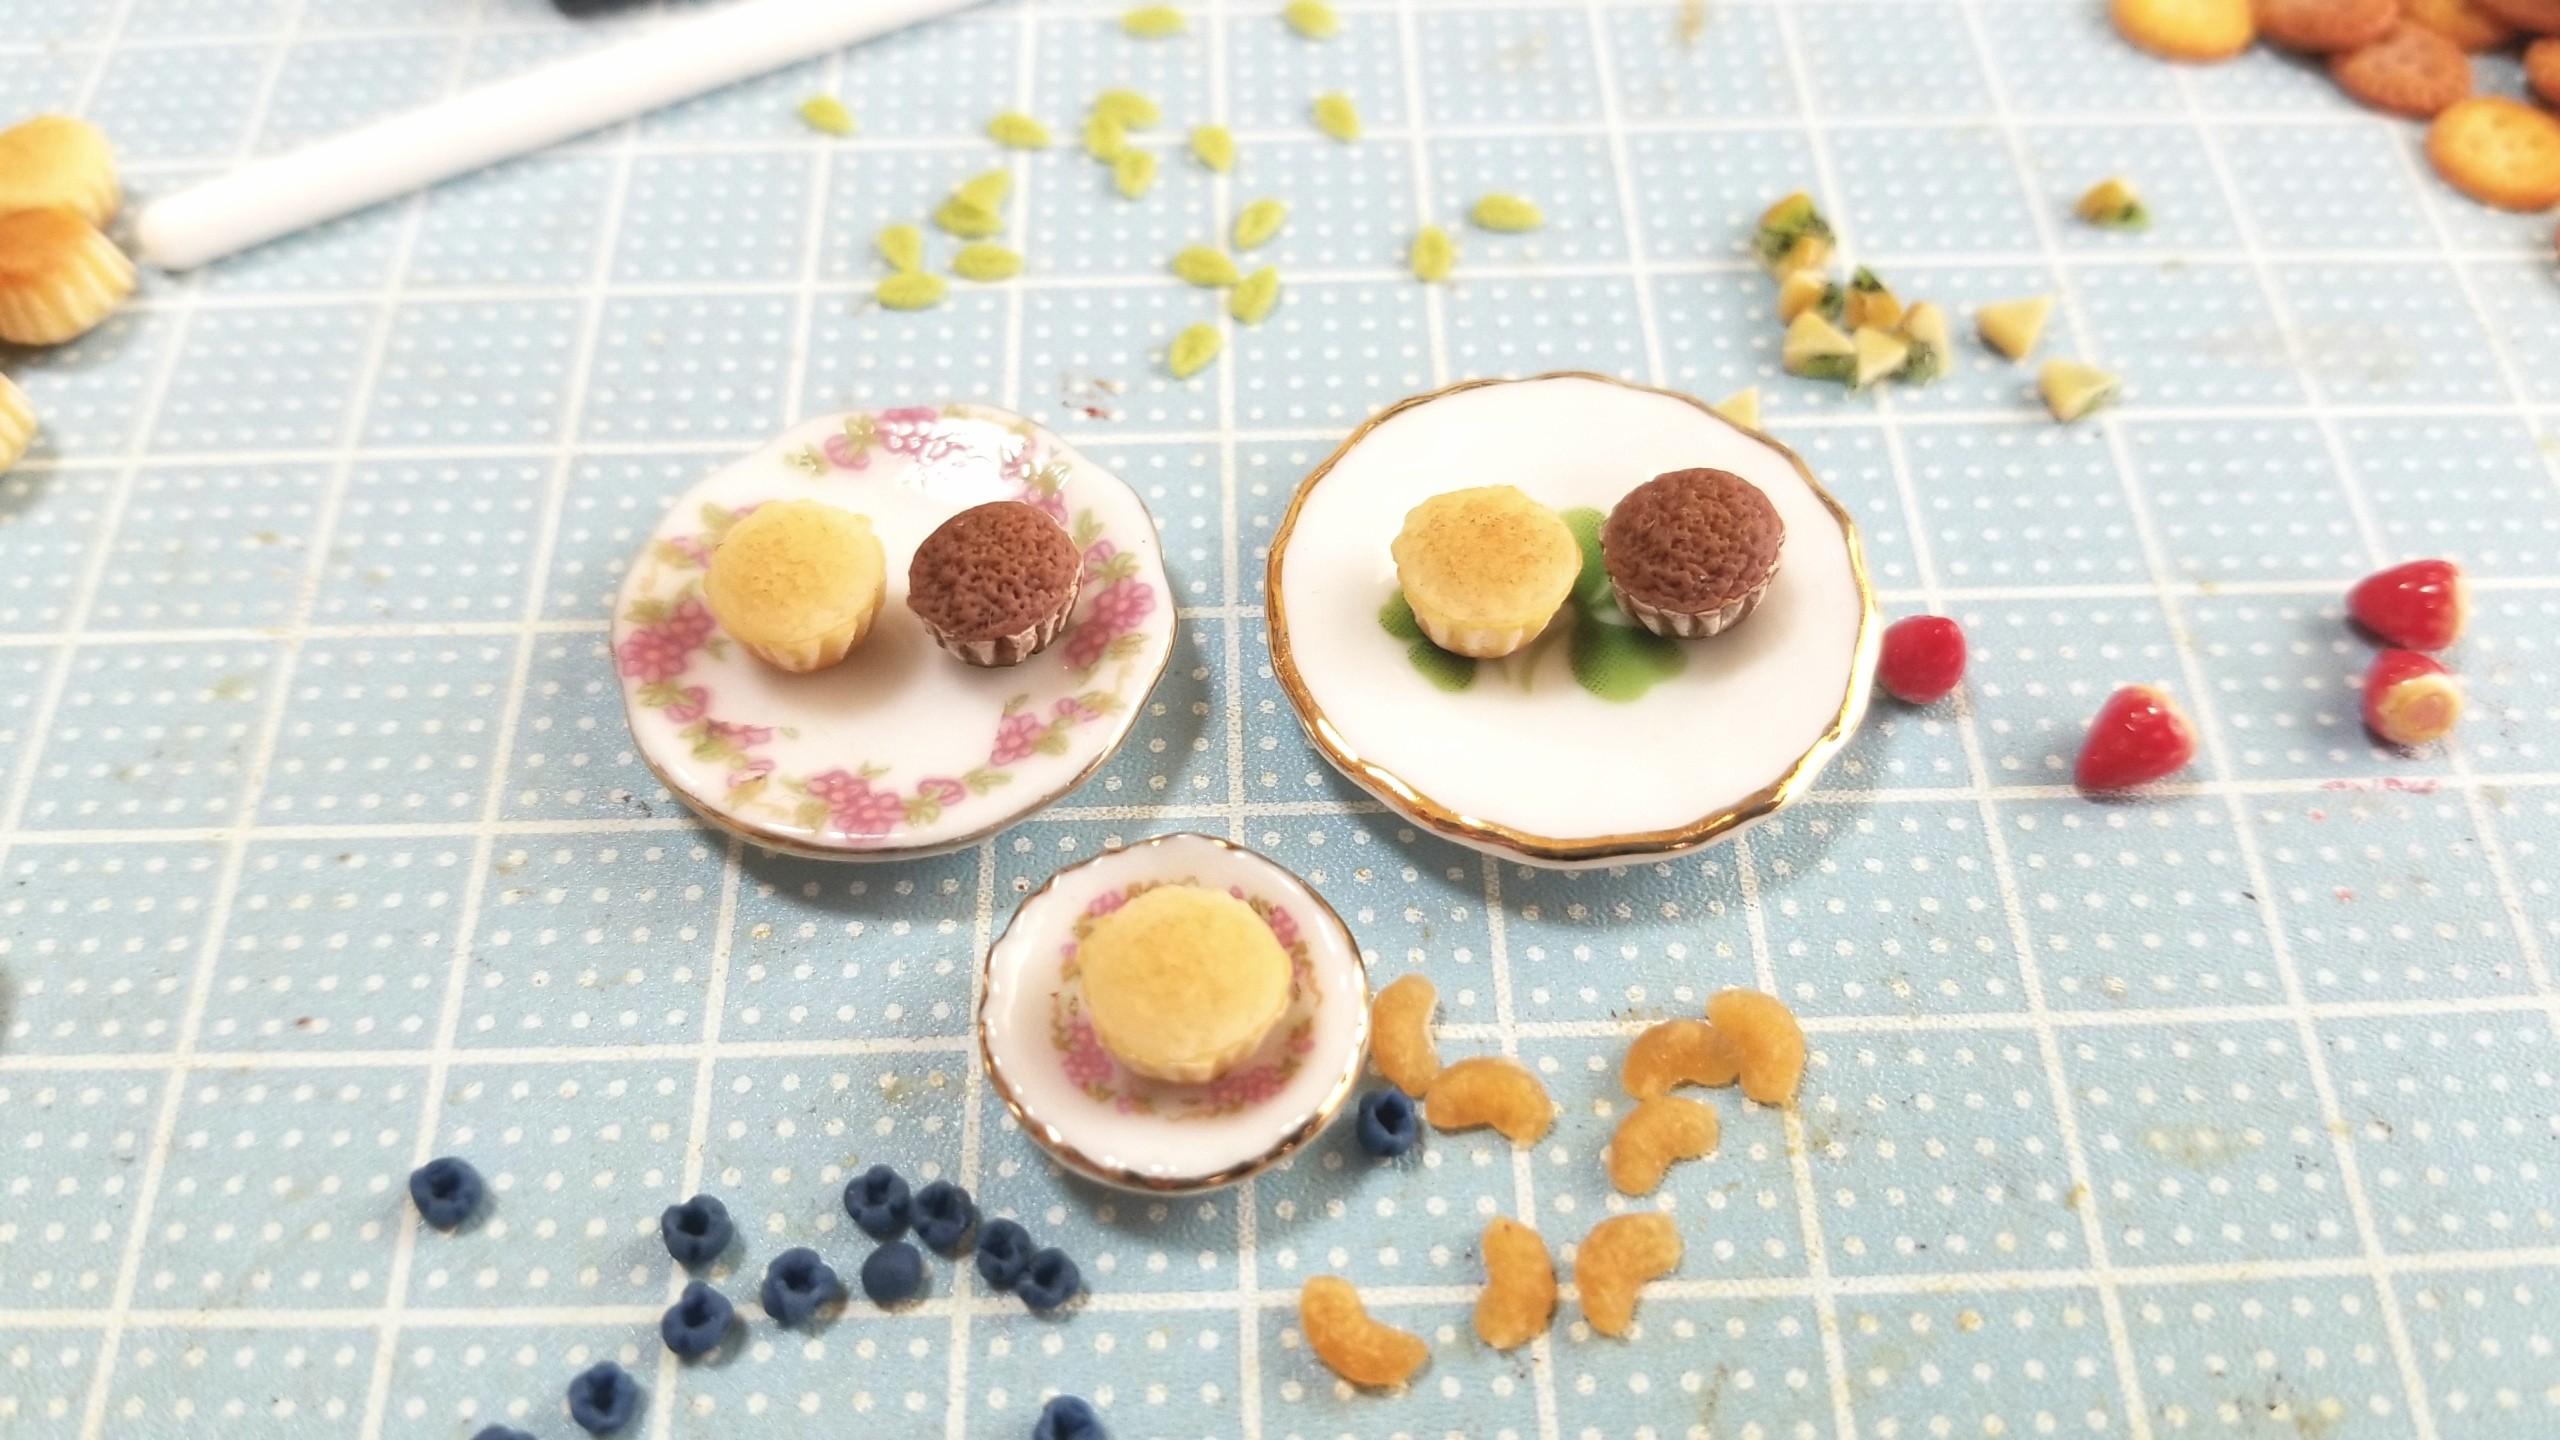 カップケーキ,ミニチュア,ドールハウス,樹脂粘土,製作過程,食品